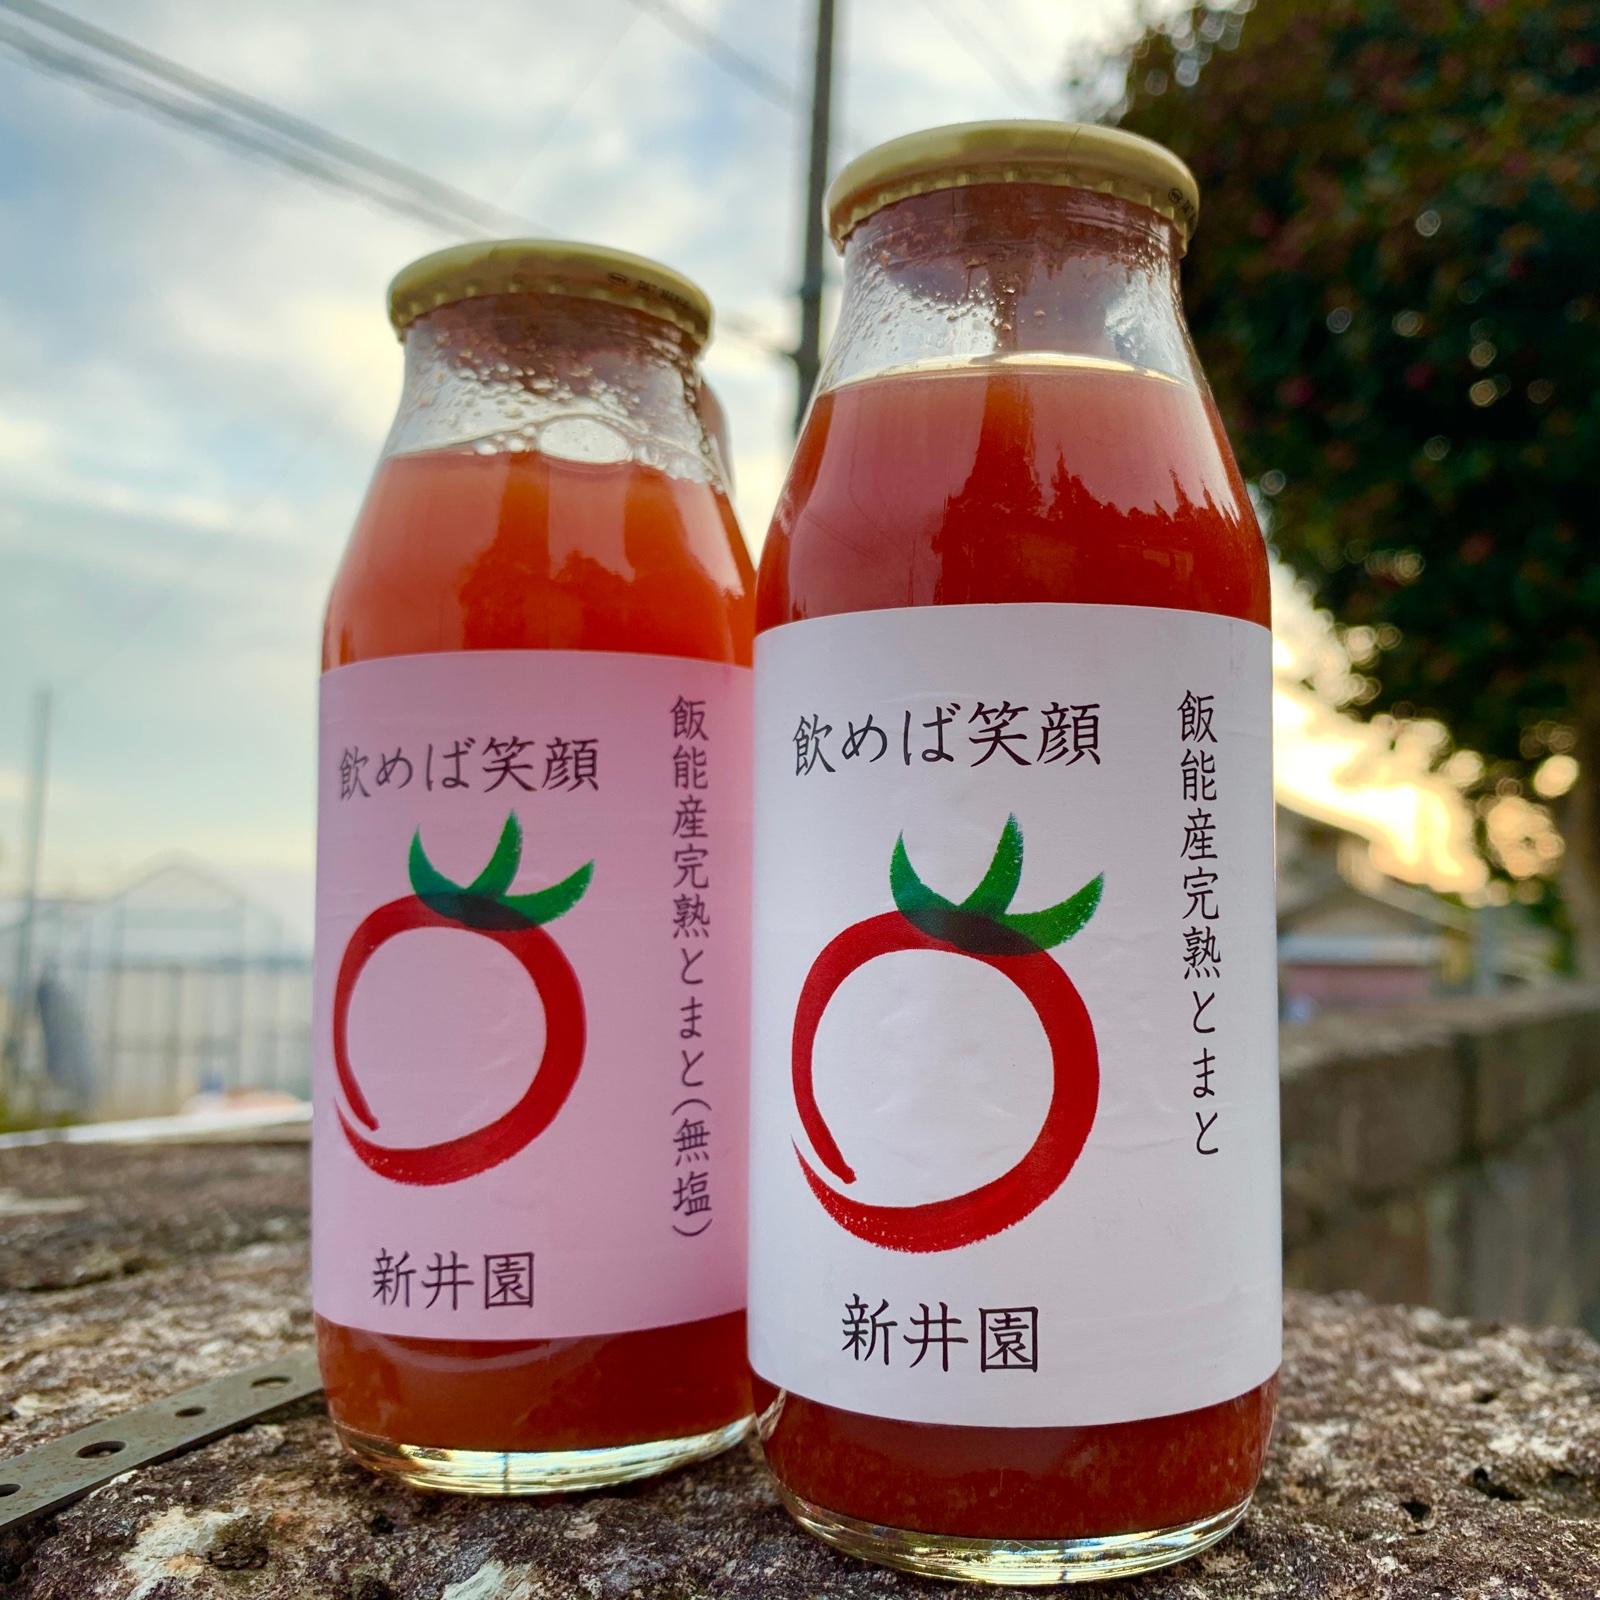 完熟とまとジュースのみくらべセット 180ml/6本入 有塩3本 無塩3本 飲料/セット・詰め合わせ通販